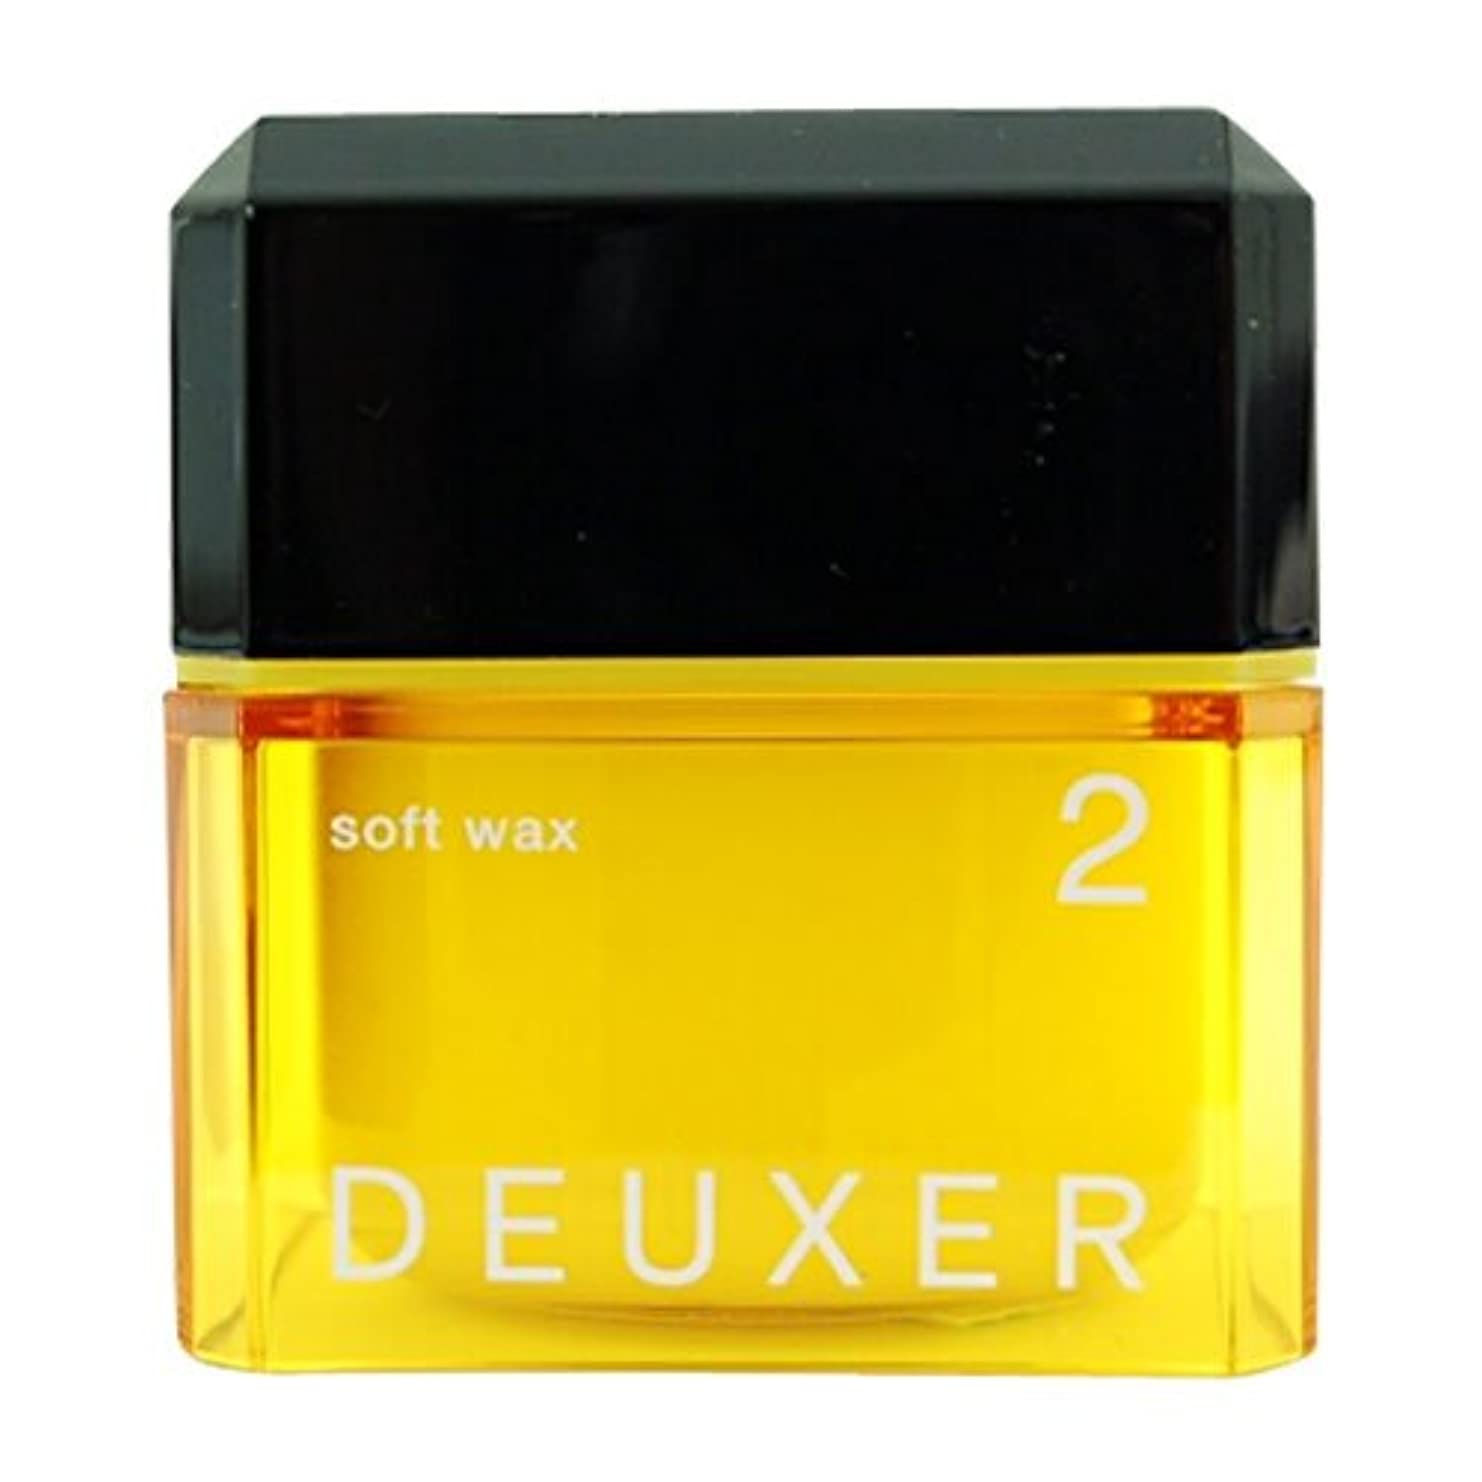 減るだらしない提唱するナンバースリー DEUXER(デューサー) ソフトワックス 2 80g